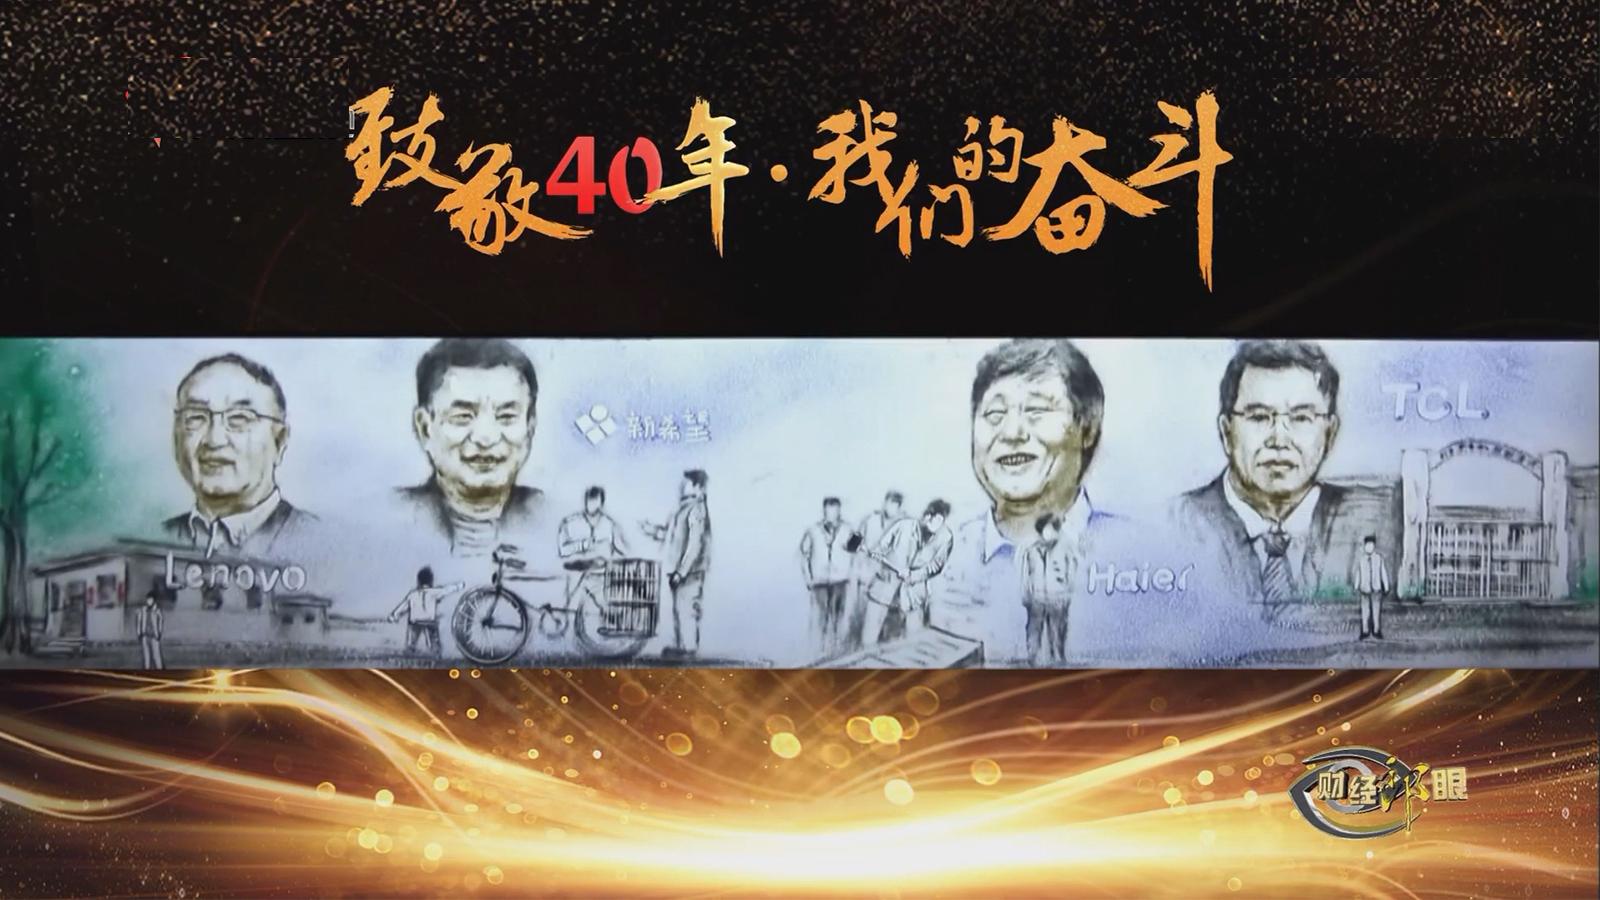 财经郎眼:致敬40年·我们的奋斗